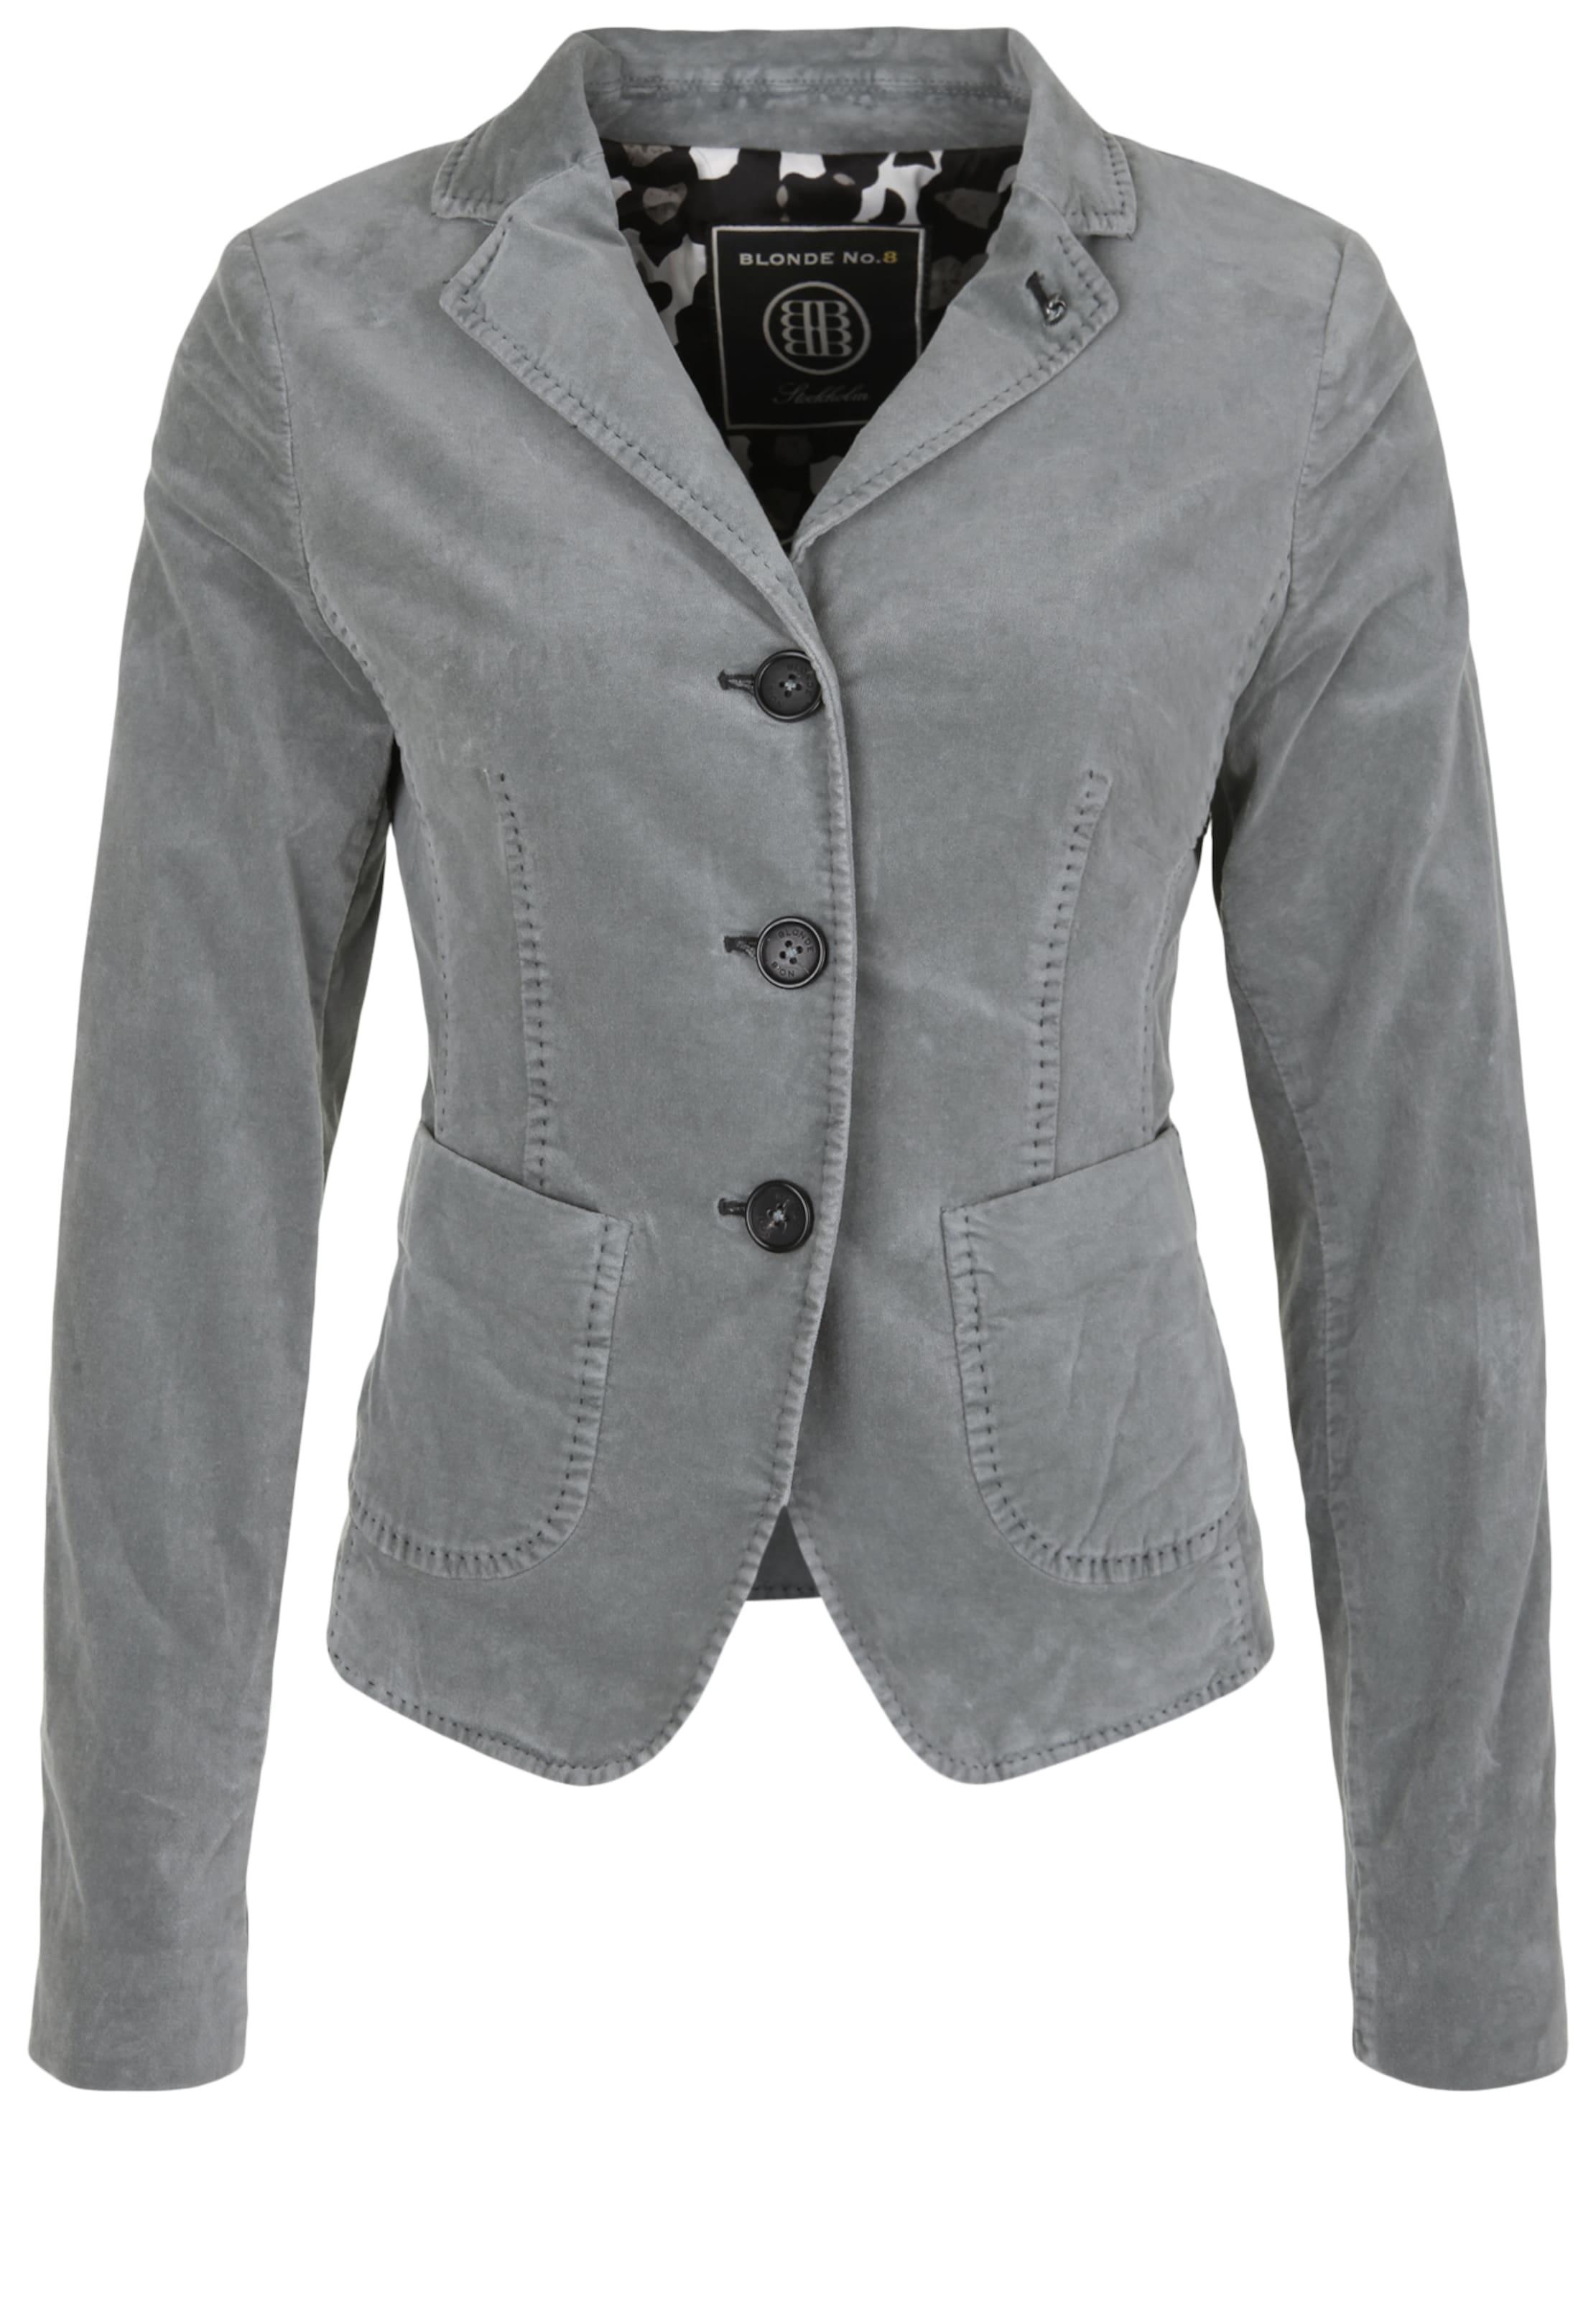 BLONDE No. 8 Blazer 'NANTES V' Steckdose Suchen Niedrig Versandkosten Günstig Online Rabatt Online-Shopping Billig Einkaufen Angebote Online-Verkauf Jv5TKk